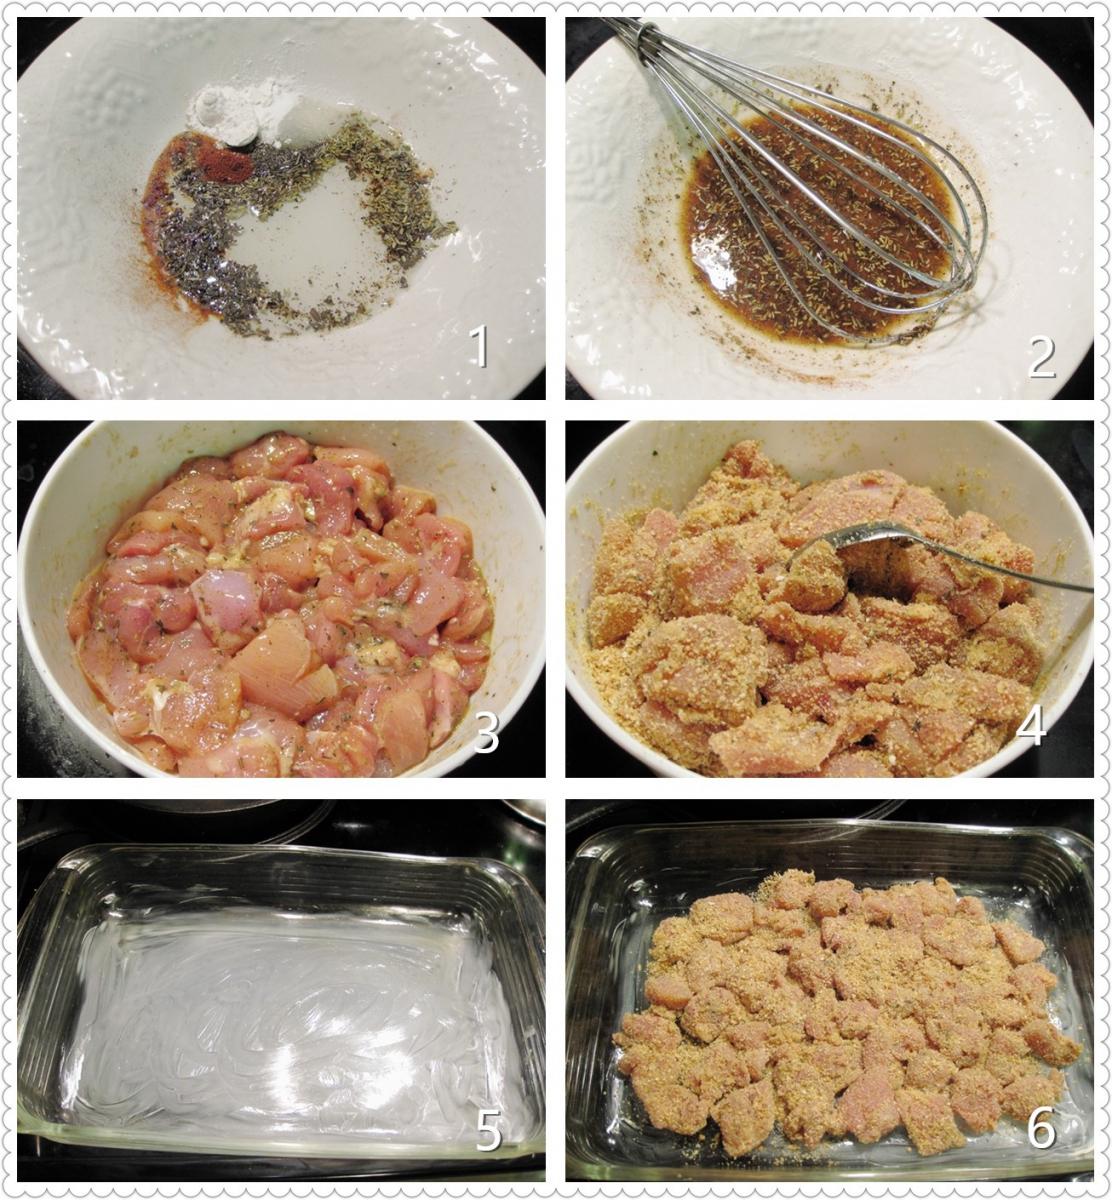 酥炸香草鸡块_图1-2